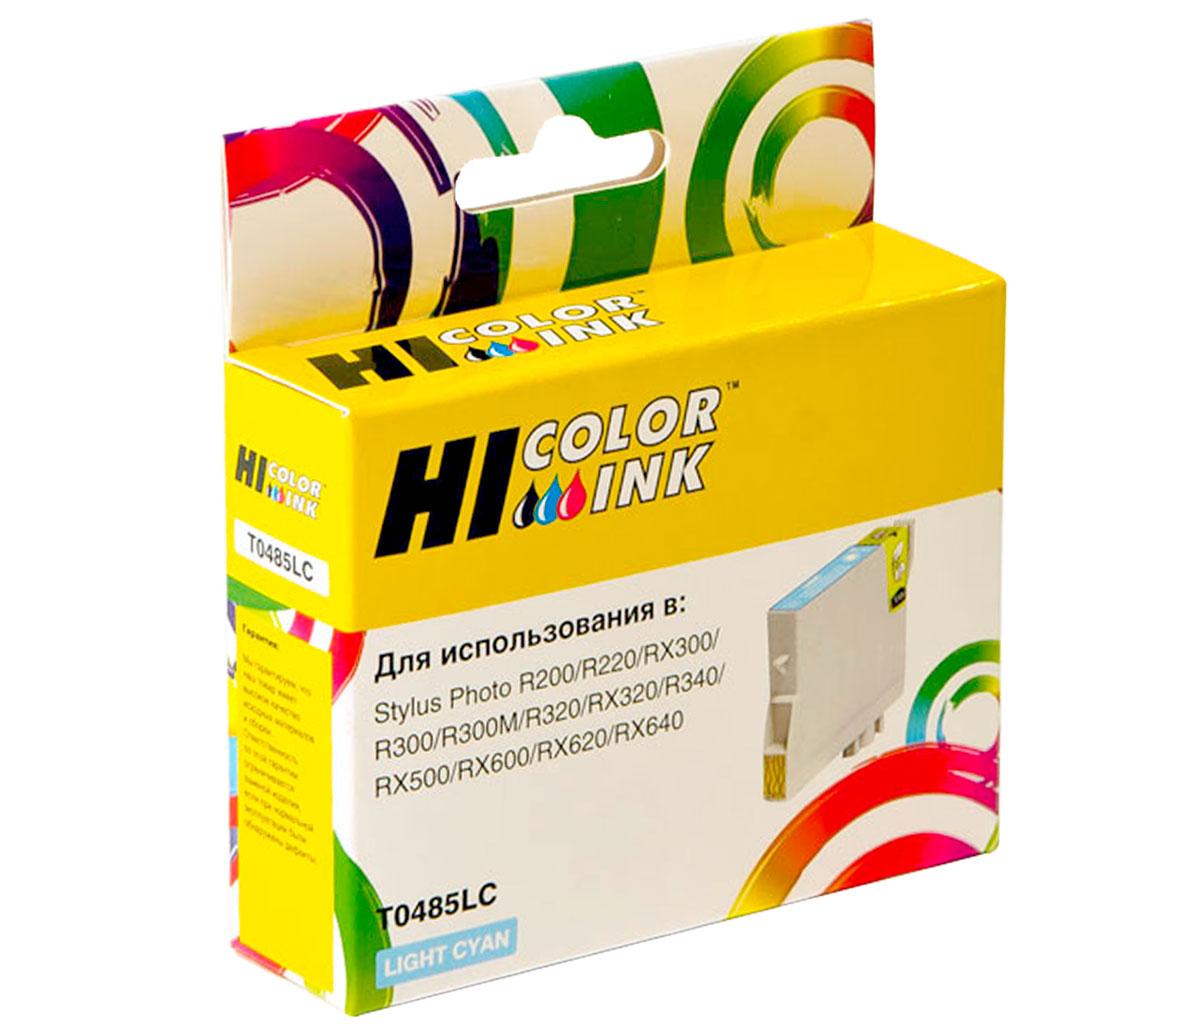 Картридж Hi-Black (HB-T0485) для Epson Stylus Photo R200/R300/RX500/RX600, LC